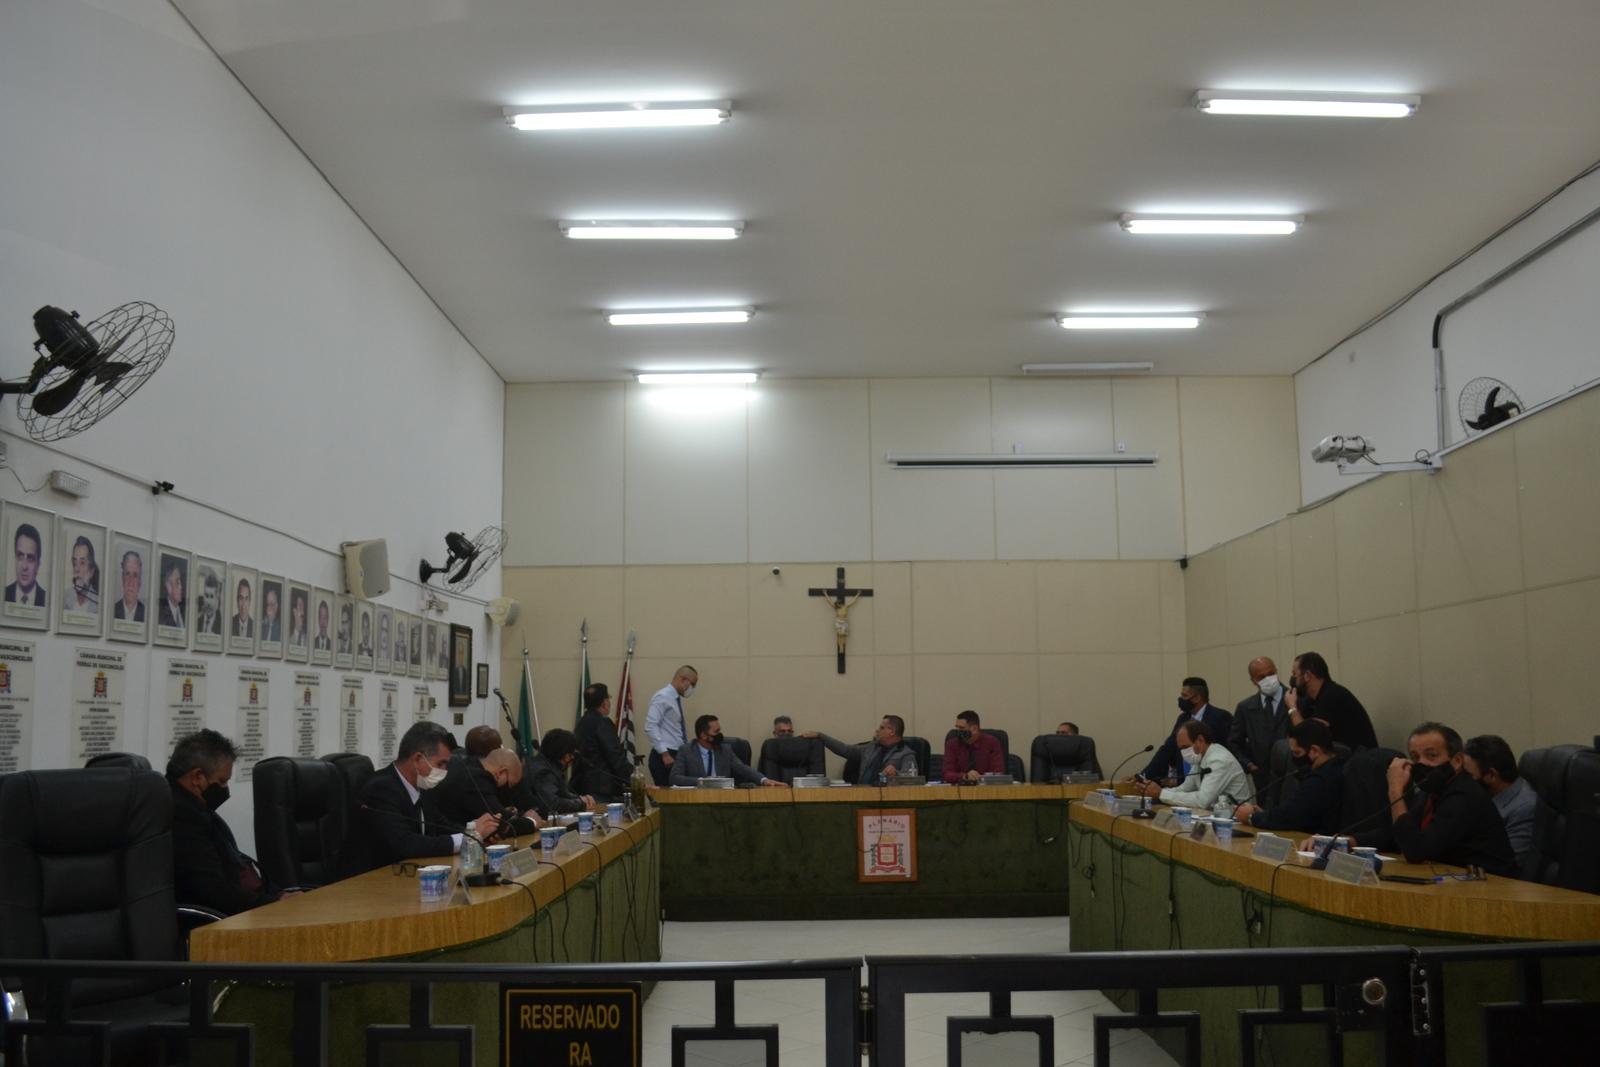 Câmara Municipal dá aval em segundo turno para empréstimo de R$21,3 milhões